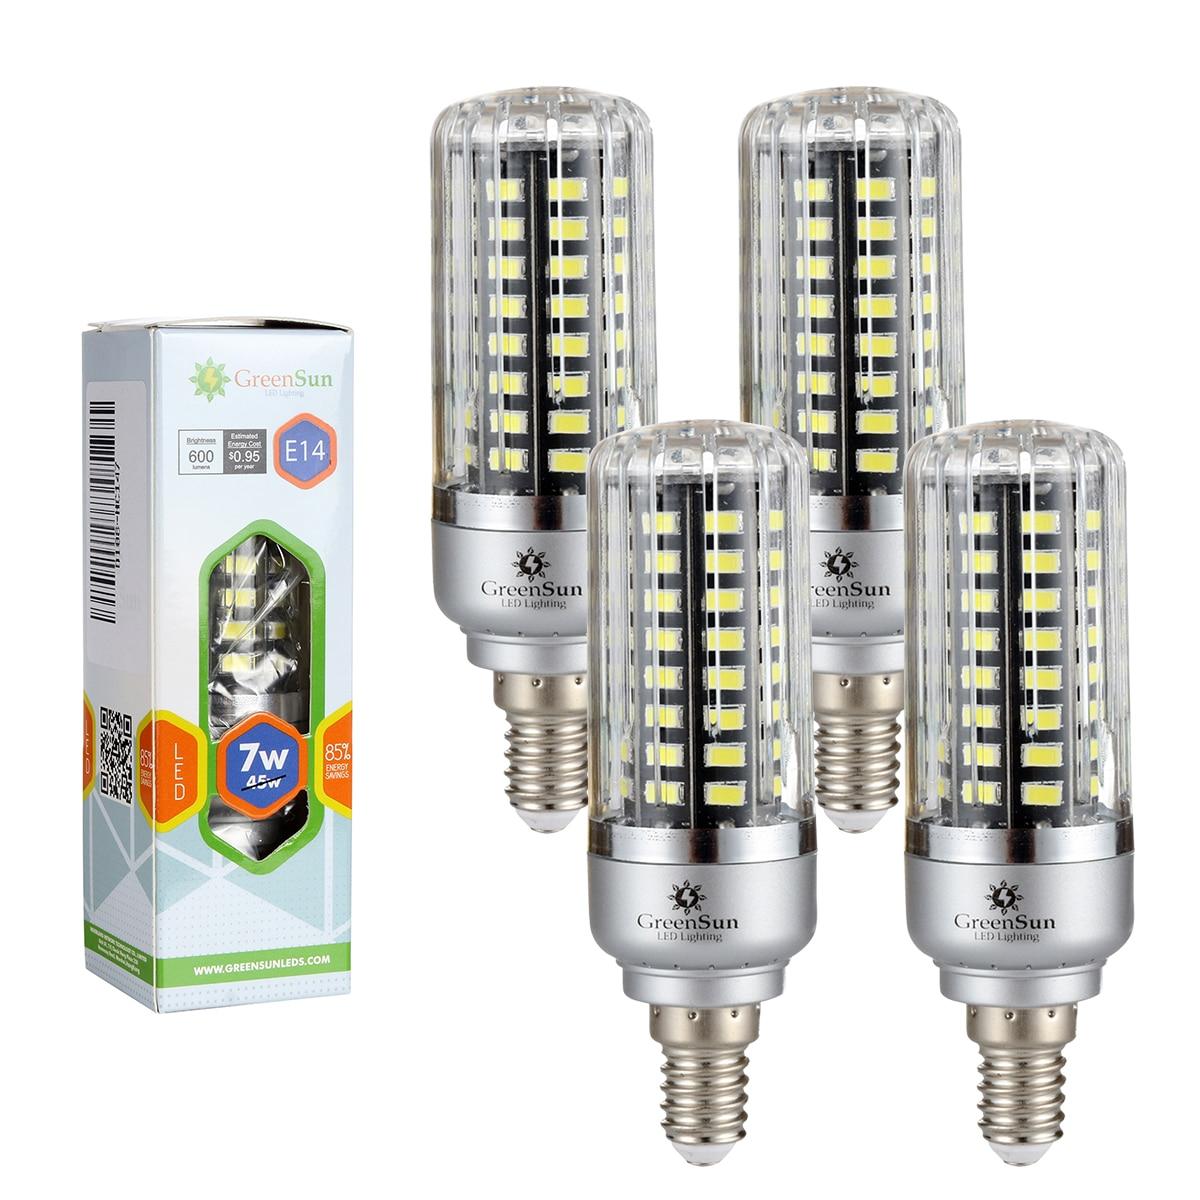 4/10 pcs 220V E14 5736 SMD LED Corn Bulb 3W/5W/7W/9W/12W/15W Full Watt Smart IC Lamp LED No Flicker Light Bulbs 2pcs real full watt 3w 5w 7w 8w 12w 15w e27 e14 led corn bulb 85v 265v smd 5736 led lamp spot light 28 40 72 108 132 156 leds